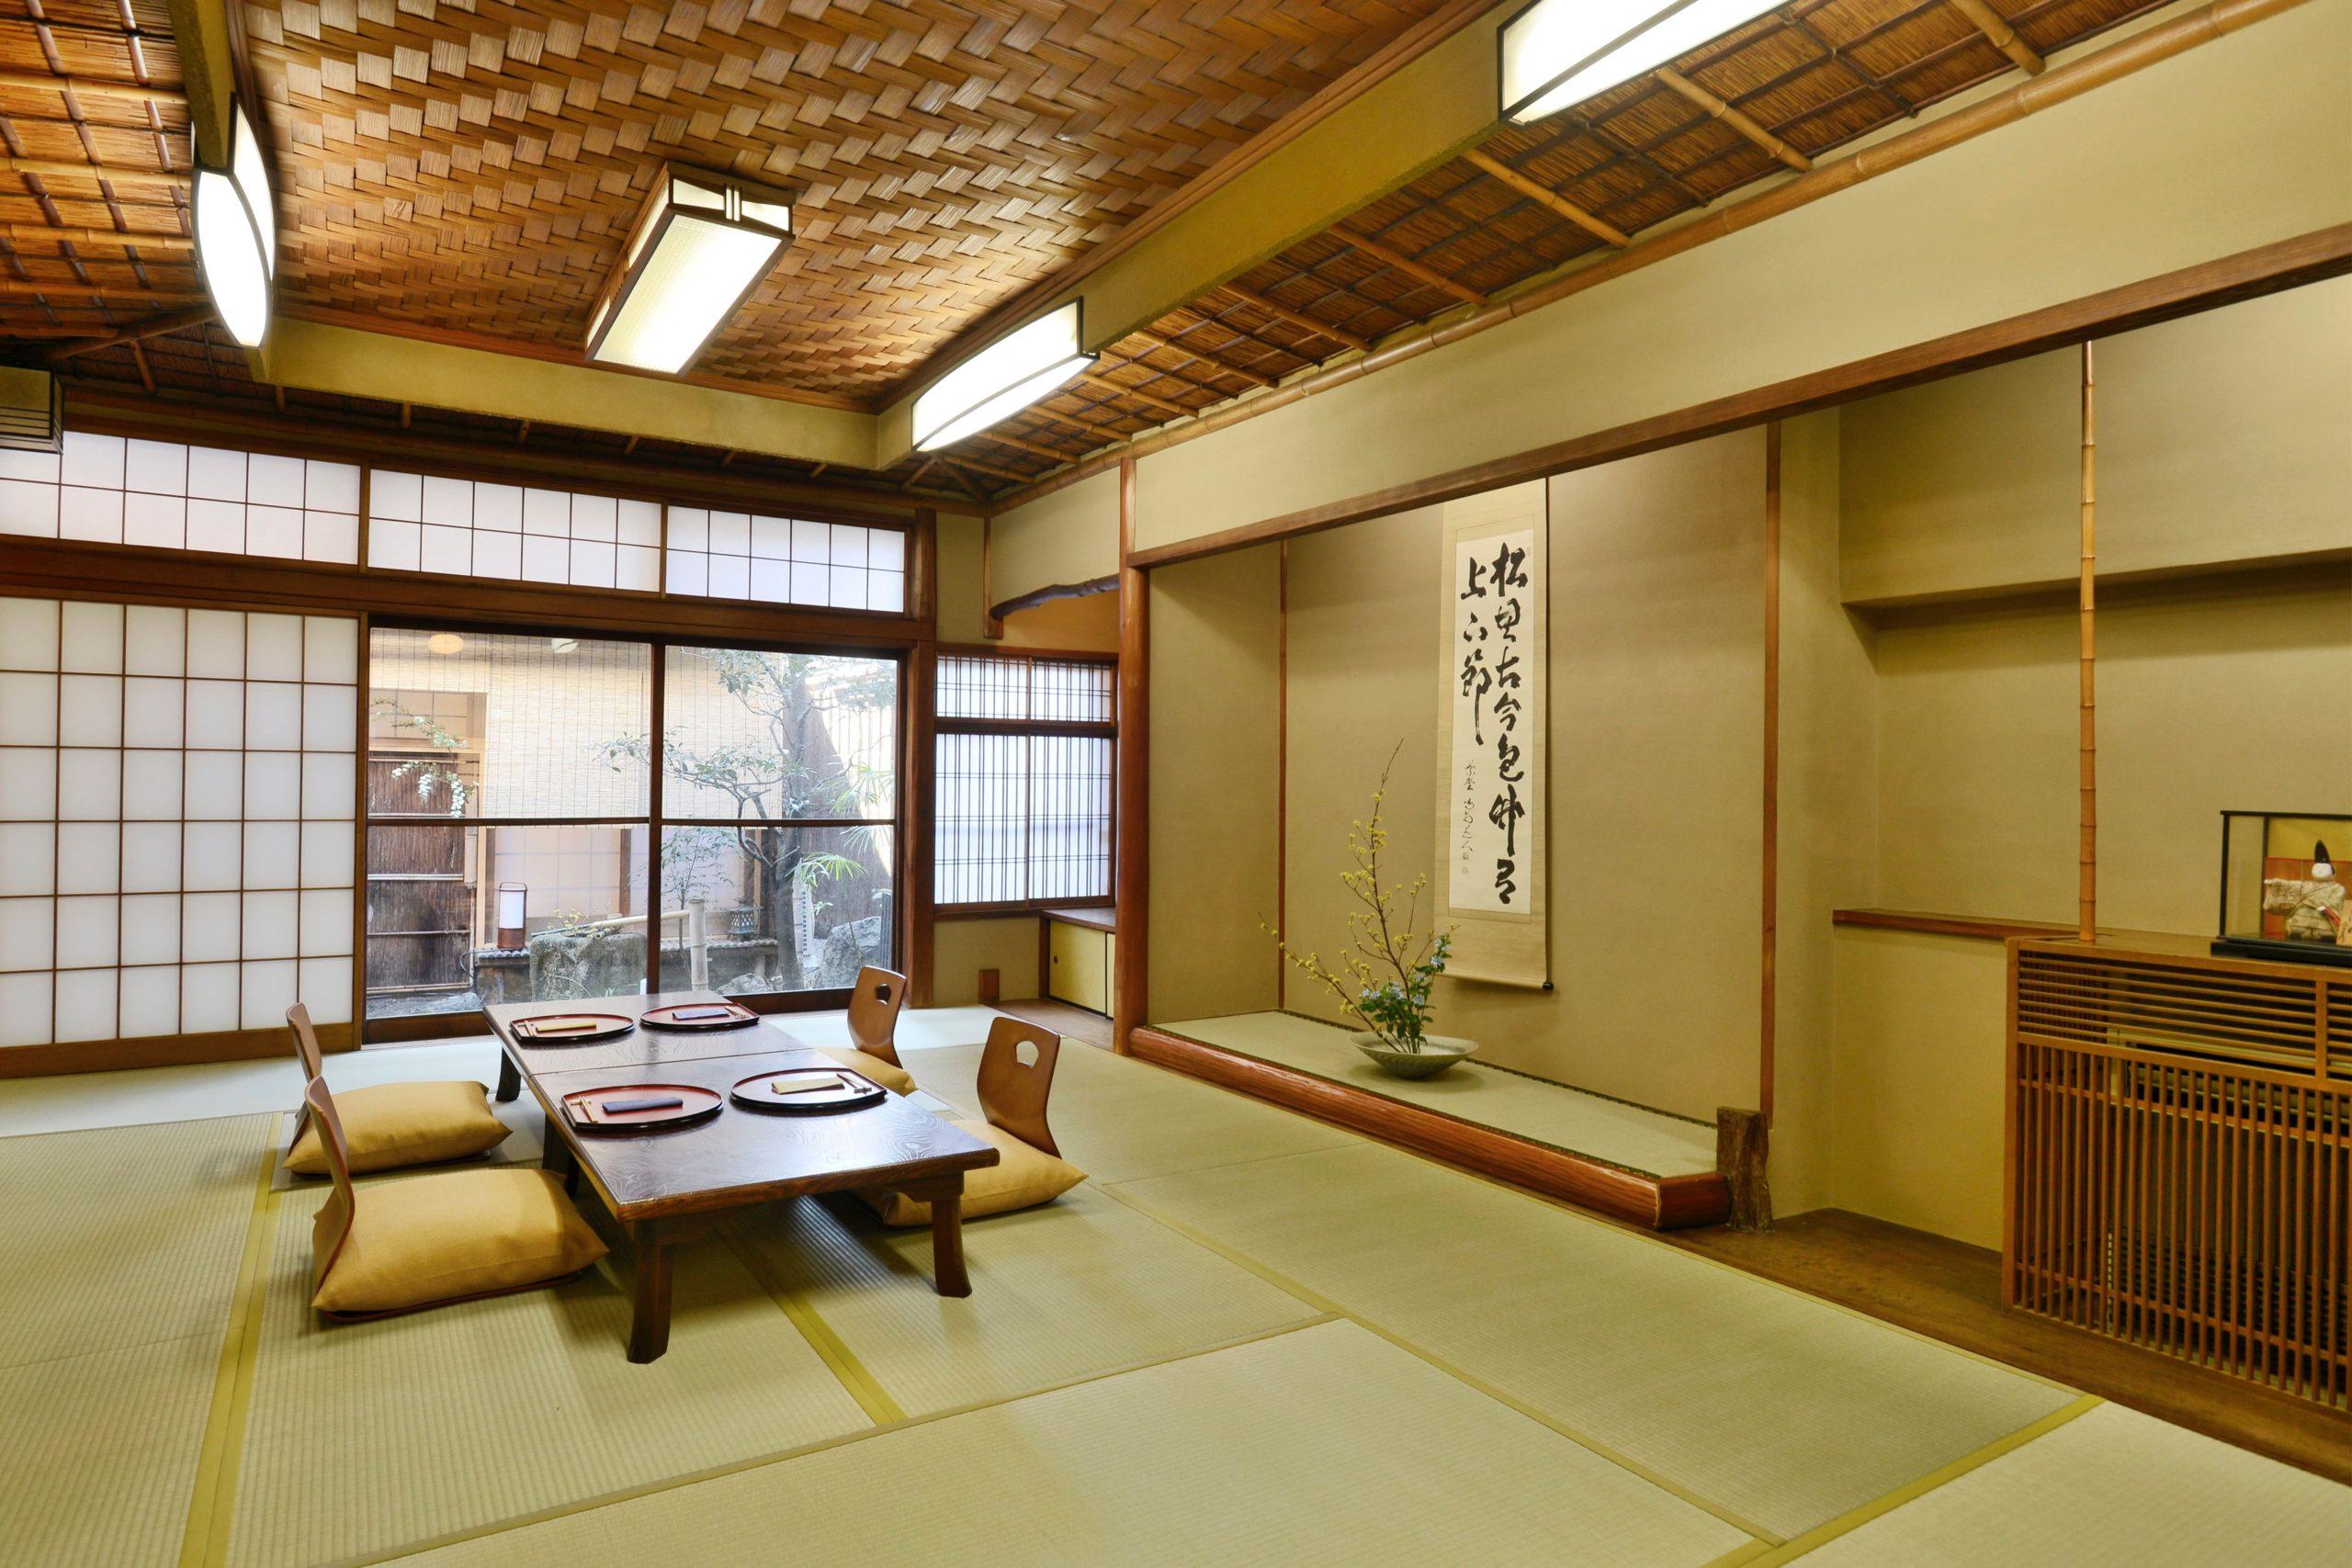 京宿 満き 改修後の写真